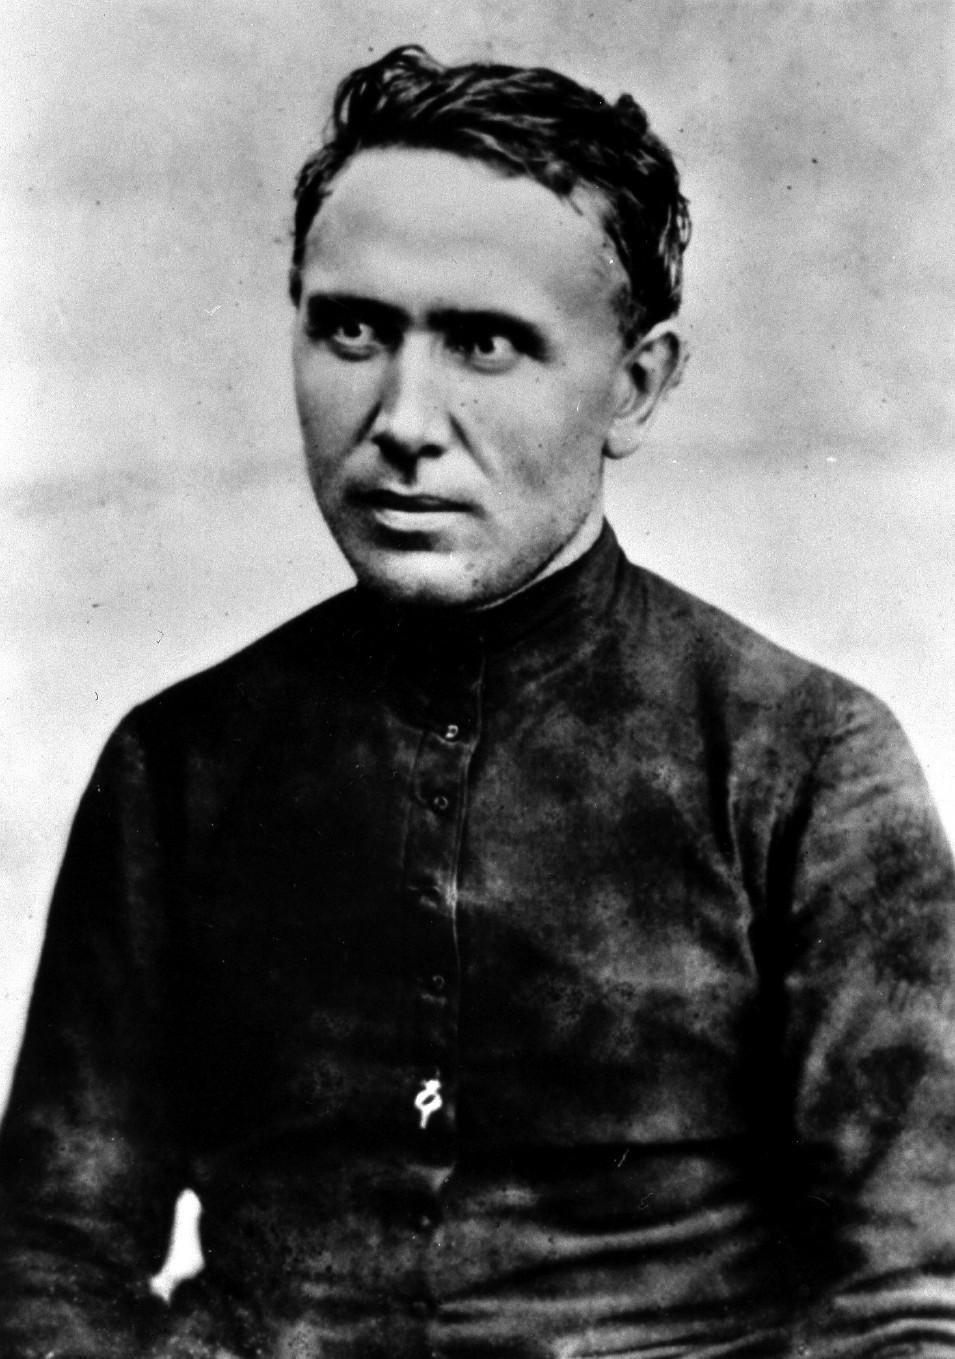 Damien_Hawaii_Saint_Molokai_Kalaupapa_canonization